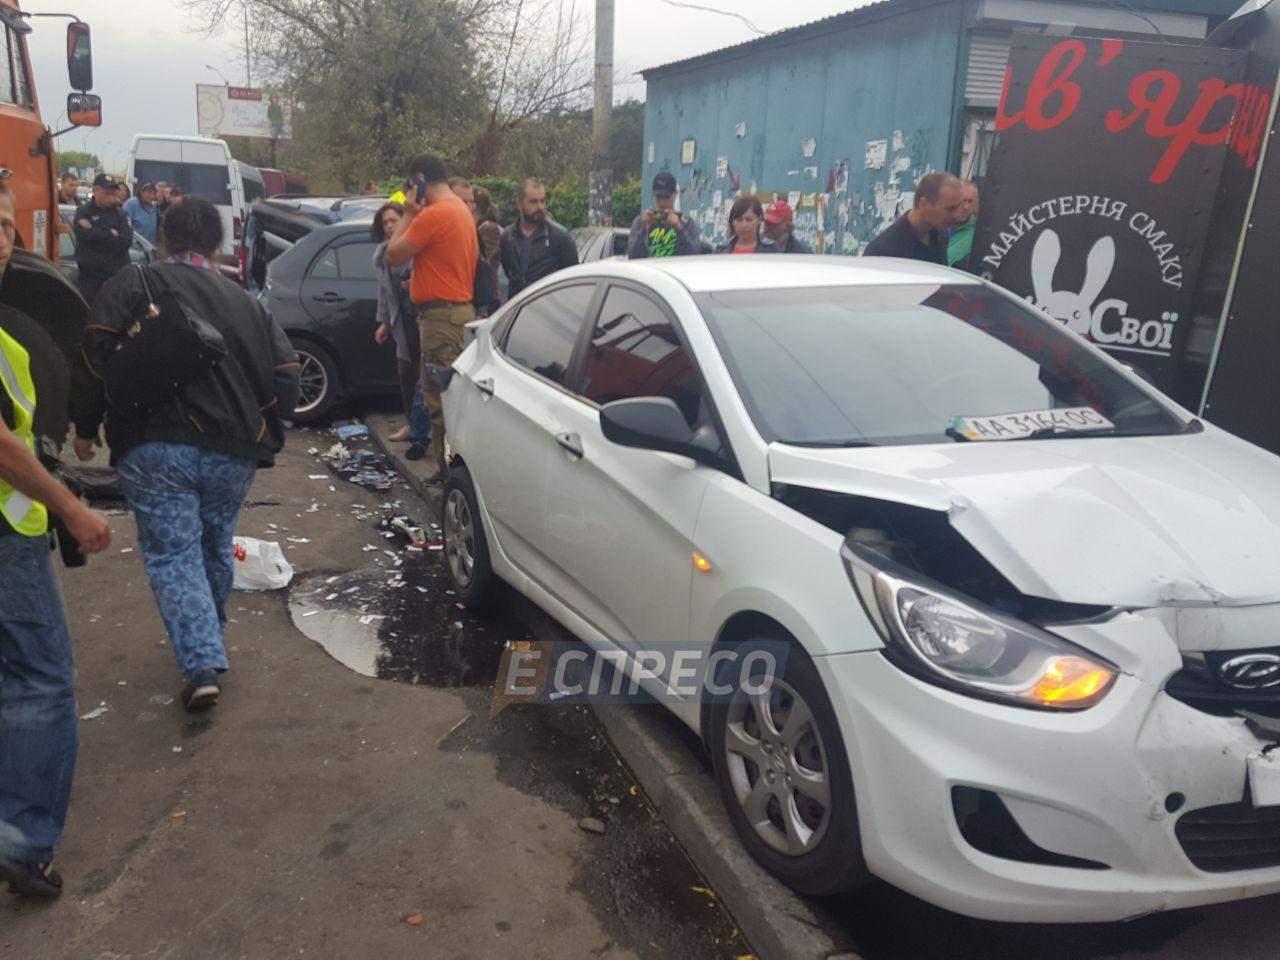 В Киеве произошло масштабное ДТП при участии 5 автомобилей: есть пострадавшие (фото)